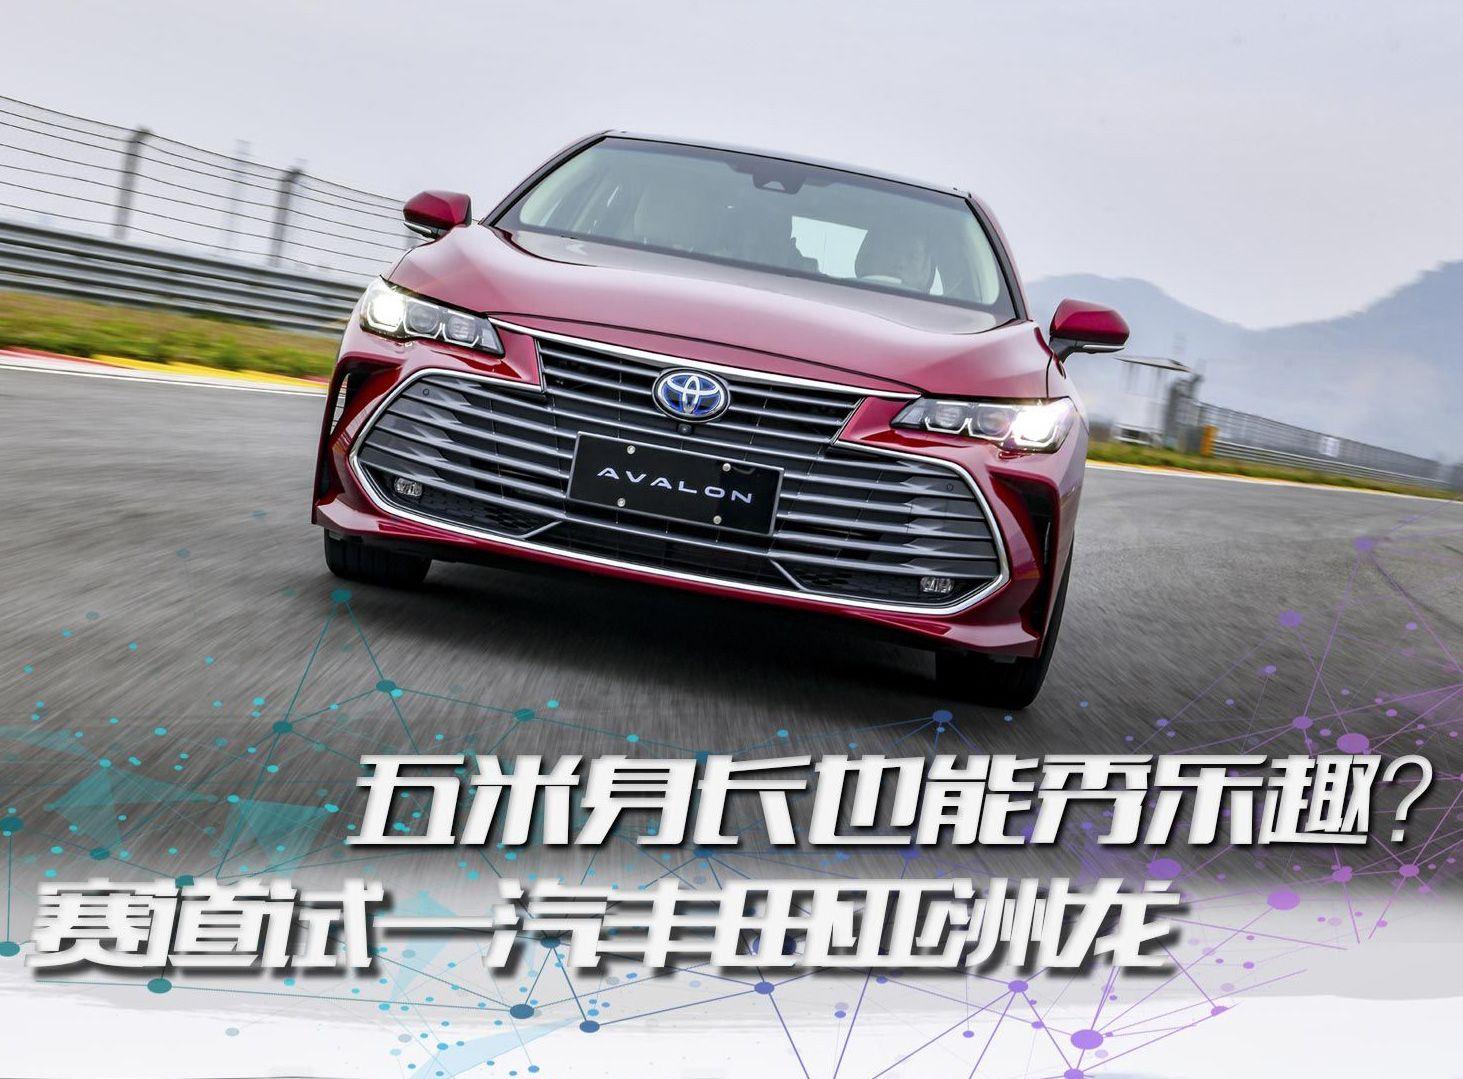 丰田亚洲龙正式上市 向B+级市场发出挑战